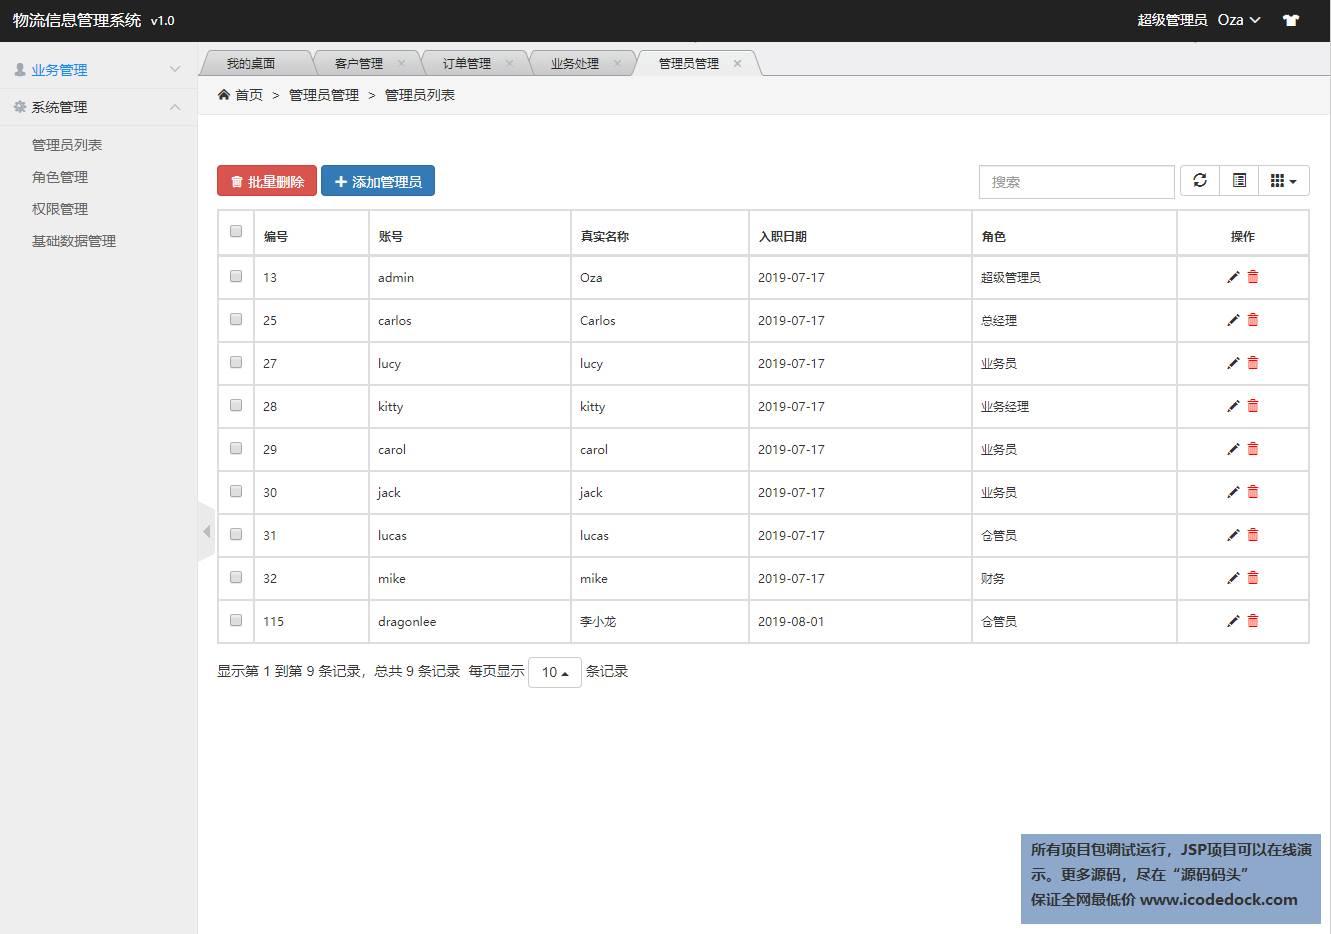 源码码头-SSM快递物流管理系统-管理员操作-管理员管理